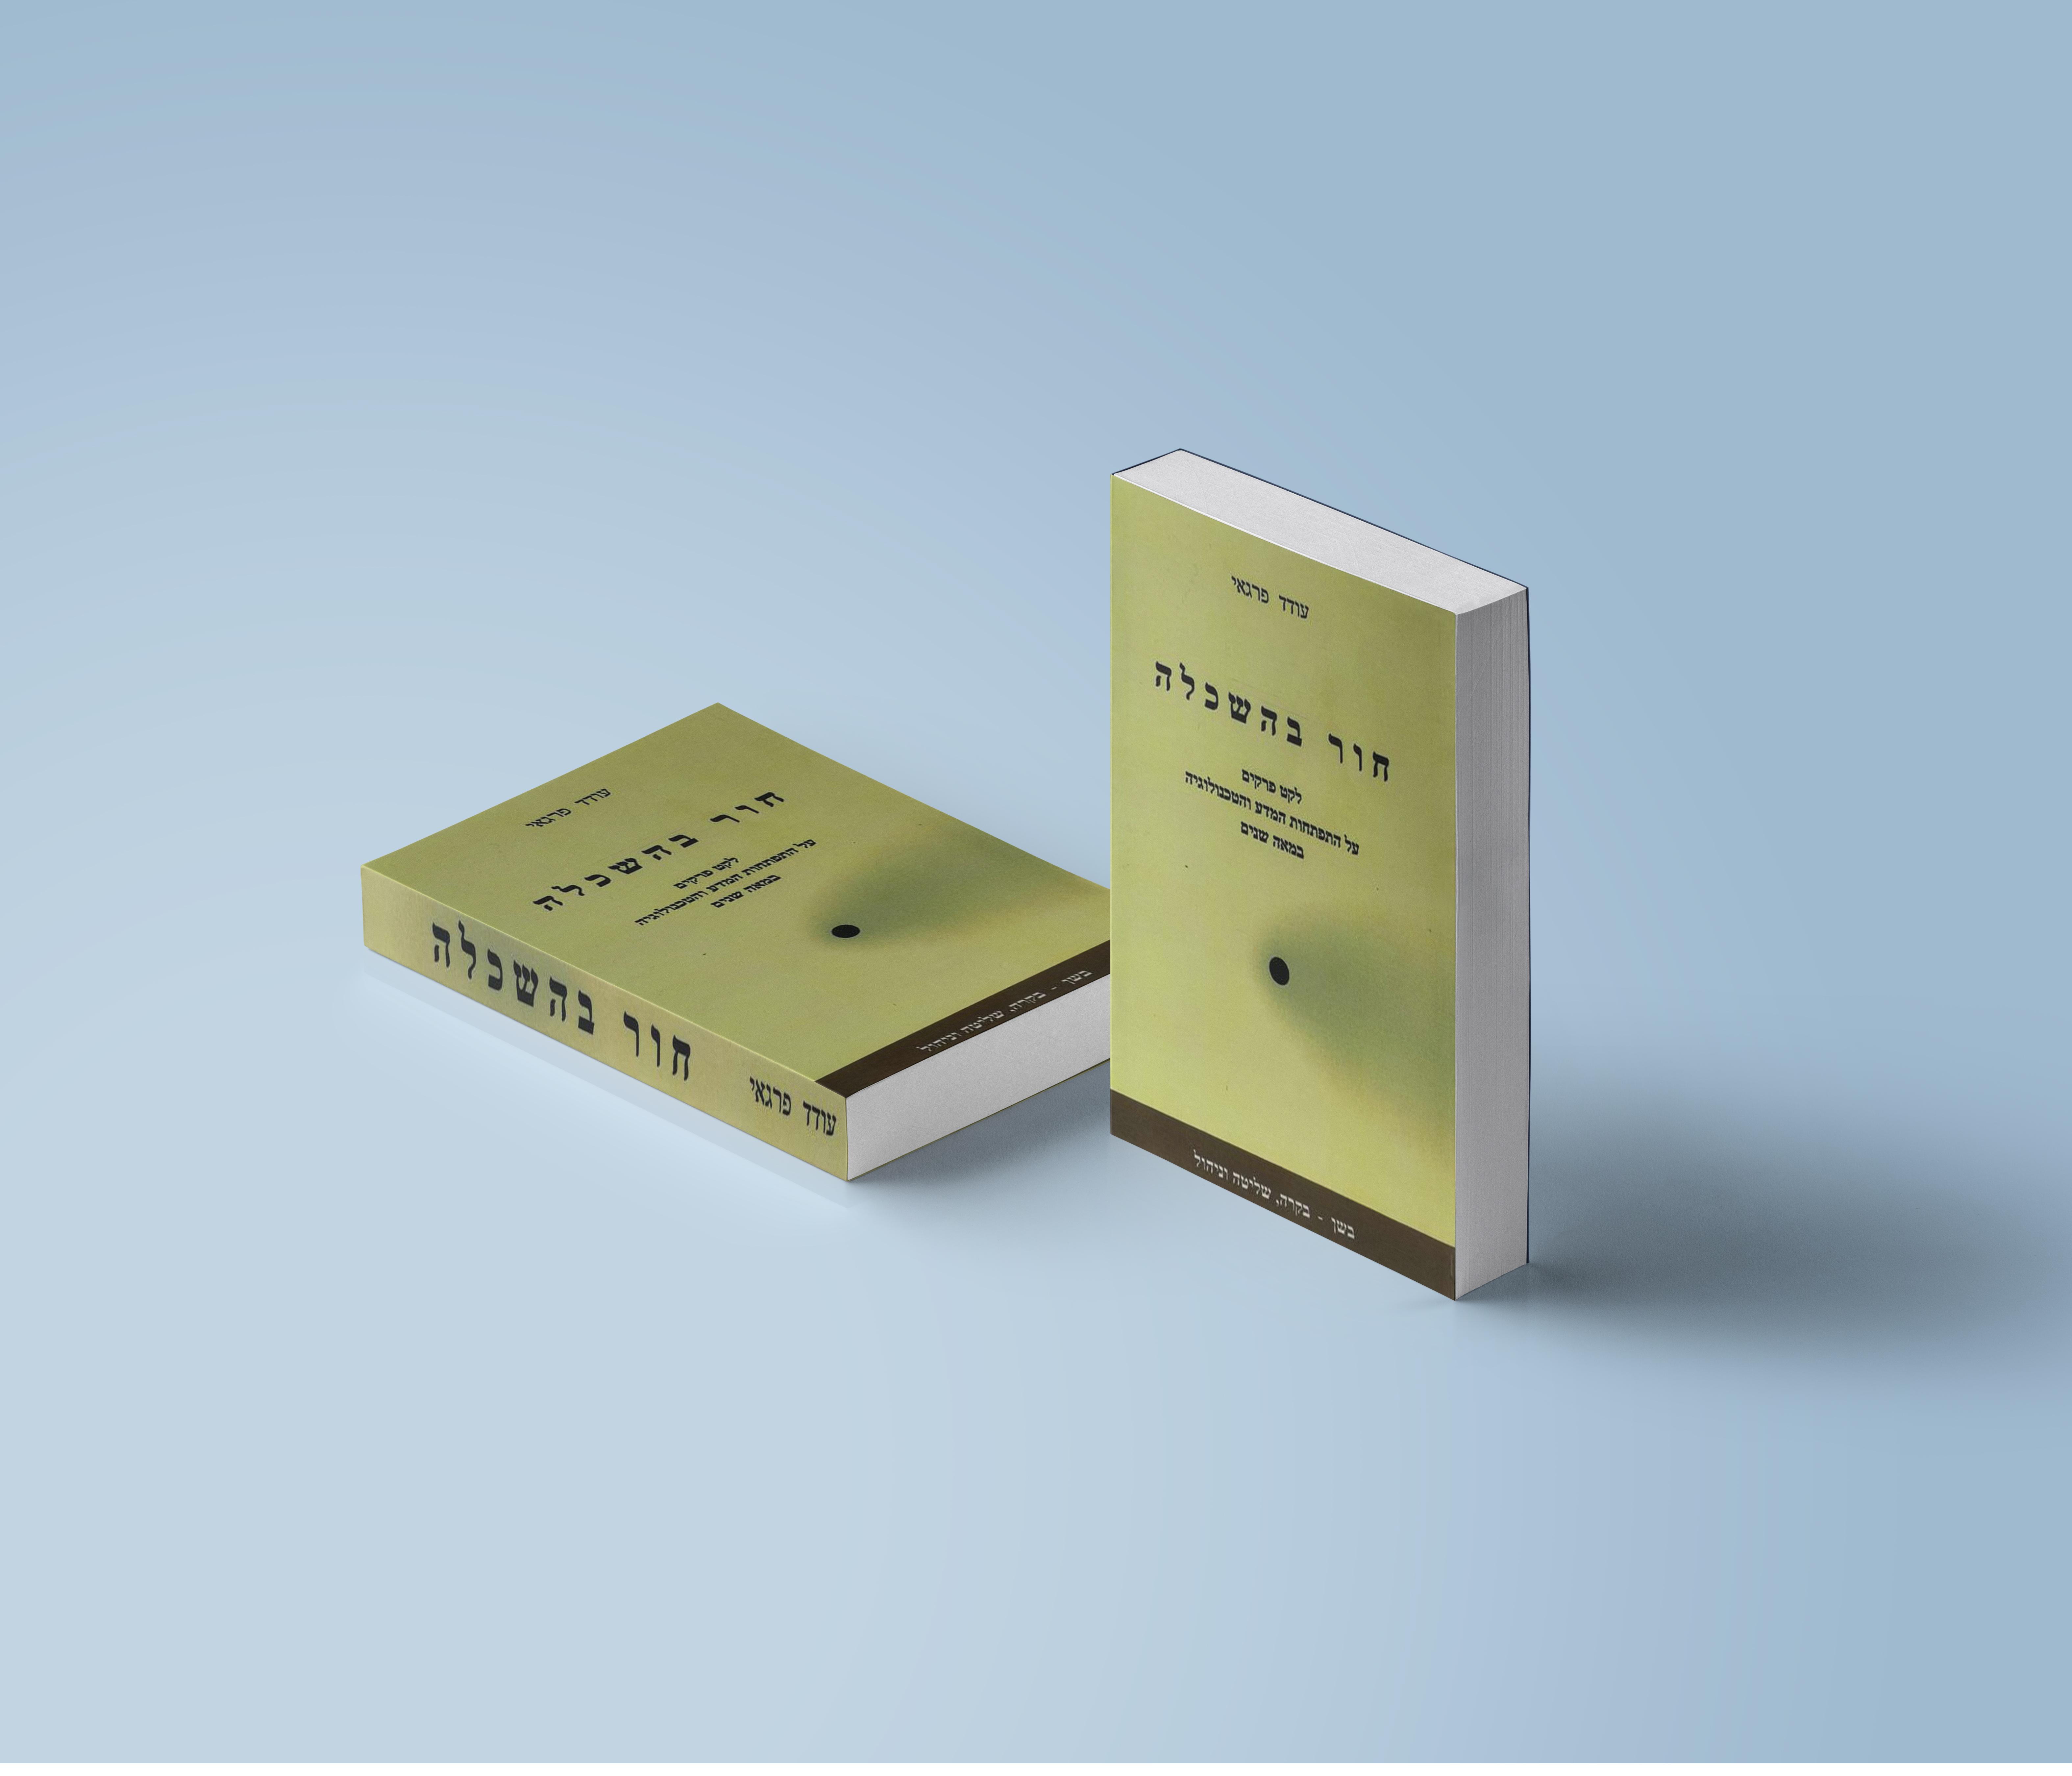 ספר קריאה חור בהשכלה מאת עודד פרגאי- הדפסה חיצונ